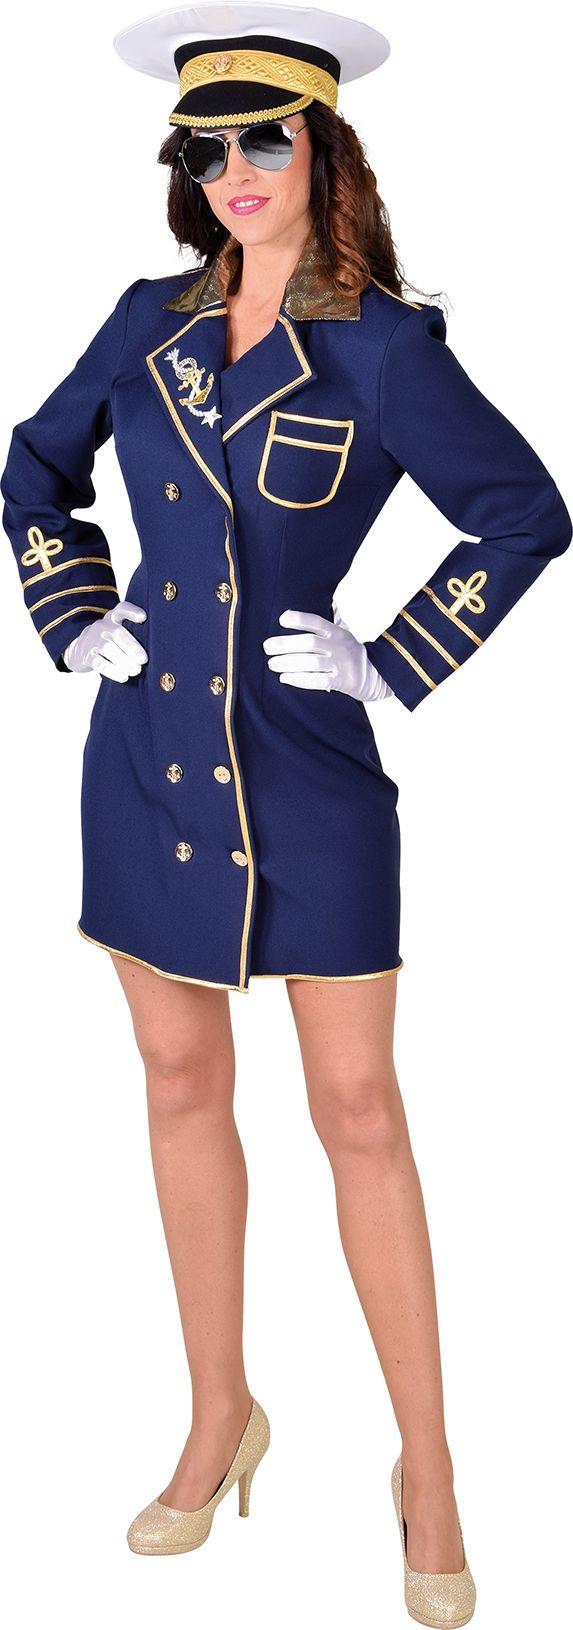 Kapitein jurkje dames blauw